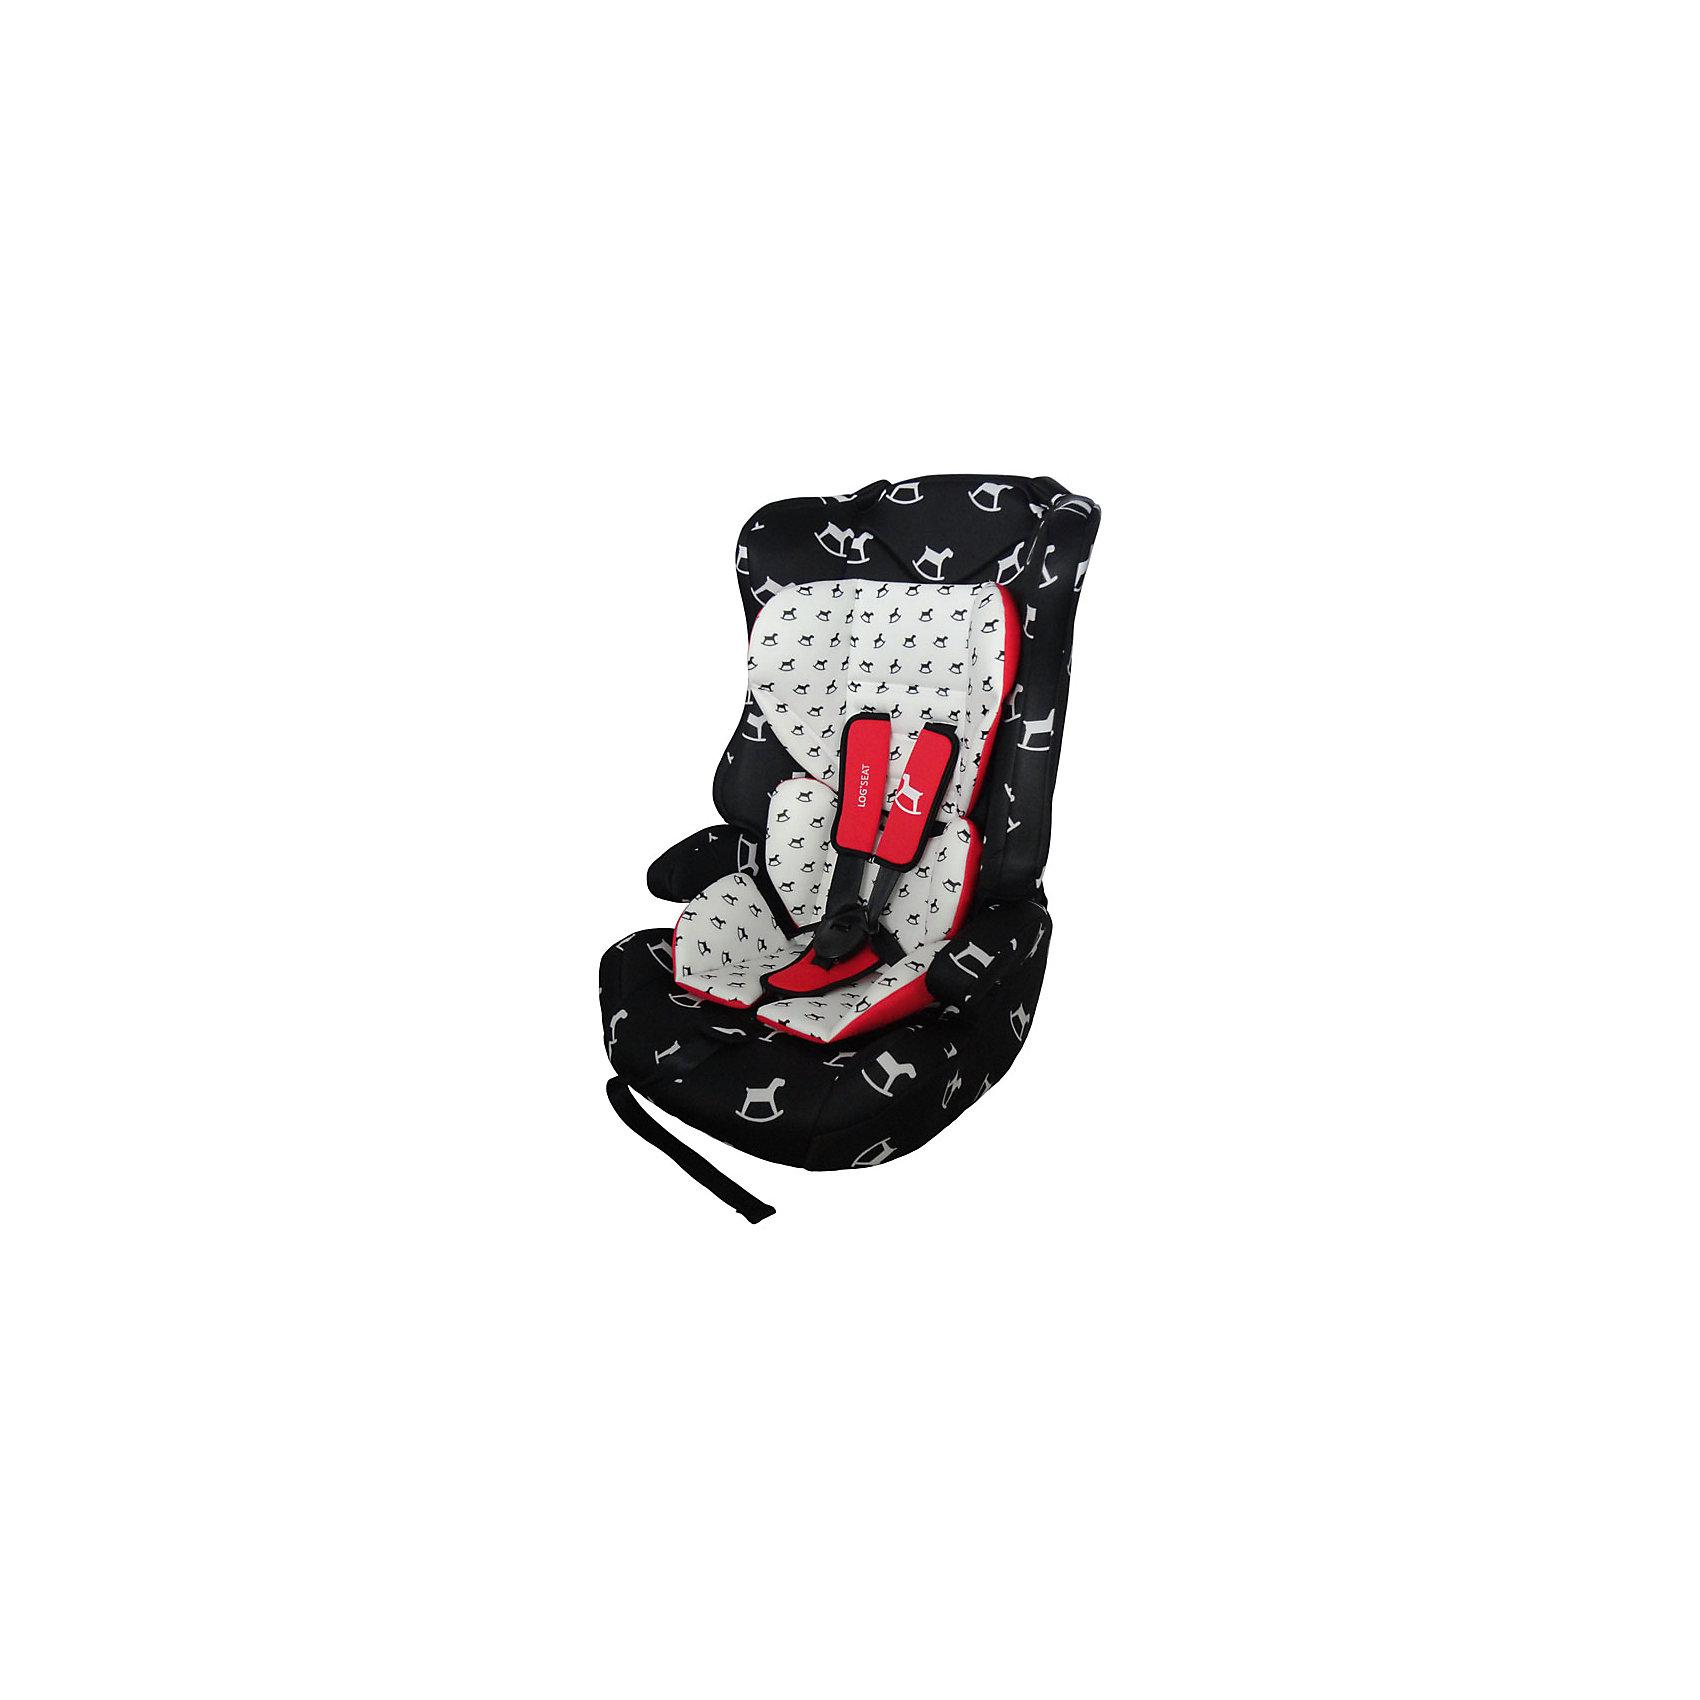 Автокресло Logs Seat 9-36 кг., Babyhit, чёрно-белая с лошадкамиАвтокресло BabyHit Logs seat LB513 черно-белое с лошадками - универсальное детское кресло, обеспечит удобство и безопасность ребенку. Кресло крепится по ходу движения на сиденье автомобиля с помощью штатных ремней (диагонального и поясничного). Спинка кресла регулируется, что  позволяет малышу сохранять анатомическое положение и комфортно засыпать в дороге. Модель - бюджетная, однако производителем предусмотрены следующие важные функции: защитные стенки для головы, систему защиты от бокового удара, регулируемые плечевые ремни с надежным креплением. Изделие рассчитано на долгосрочную эксплуатацию, по мере роста ребенка его можно трансформировать в бустер, сняв спинку.<br><br>ОСОБЕННОСТИ:<br><br>- изготовлено из высокопрочных материалов<br>- устанавливается по ходу движения<br>- крепление  при помощи штатных автомобильных ремней  <br>- анатомическая форма кресла с удобными подлокотниками<br>- 3 позиции высоты<br>- угол наклона спинки регулируется в трех положениях<br>- регулируемые по высоте встроенные пятиточечные ремни<br>- мягкий вкладыш на сиденье и плечевые накладки на ремнях<br>- съемный чехол<br>- допустима стирка при температуре до 30°<br>- возможность применения без спинки как бустер<br>- соответствует Европейским стандартам безопасности ECE R44/04<br><br>Дополнительная информация:<br><br>- допустимый вес ребенка: от 9 до 36 кг<br>- материал: пластик, металл, текстиль<br>- цвет: horses (черно-белый с лошадками)<br>- размеры (ГхШхВ): 50*40*80 см<br>- вес изделия: 5 кг<br>- возраст ребенка: от 1 года до 12 лет<br>- страна производства: Китай<br><br>Автокресло Logs Seat 9-36 кг., Babyhit  можно купить в нашем интернет-магазине.<br><br>Ширина мм: 500<br>Глубина мм: 440<br>Высота мм: 780<br>Вес г: 6000<br>Возраст от месяцев: 6<br>Возраст до месяцев: 144<br>Пол: Унисекс<br>Возраст: Детский<br>SKU: 4968974